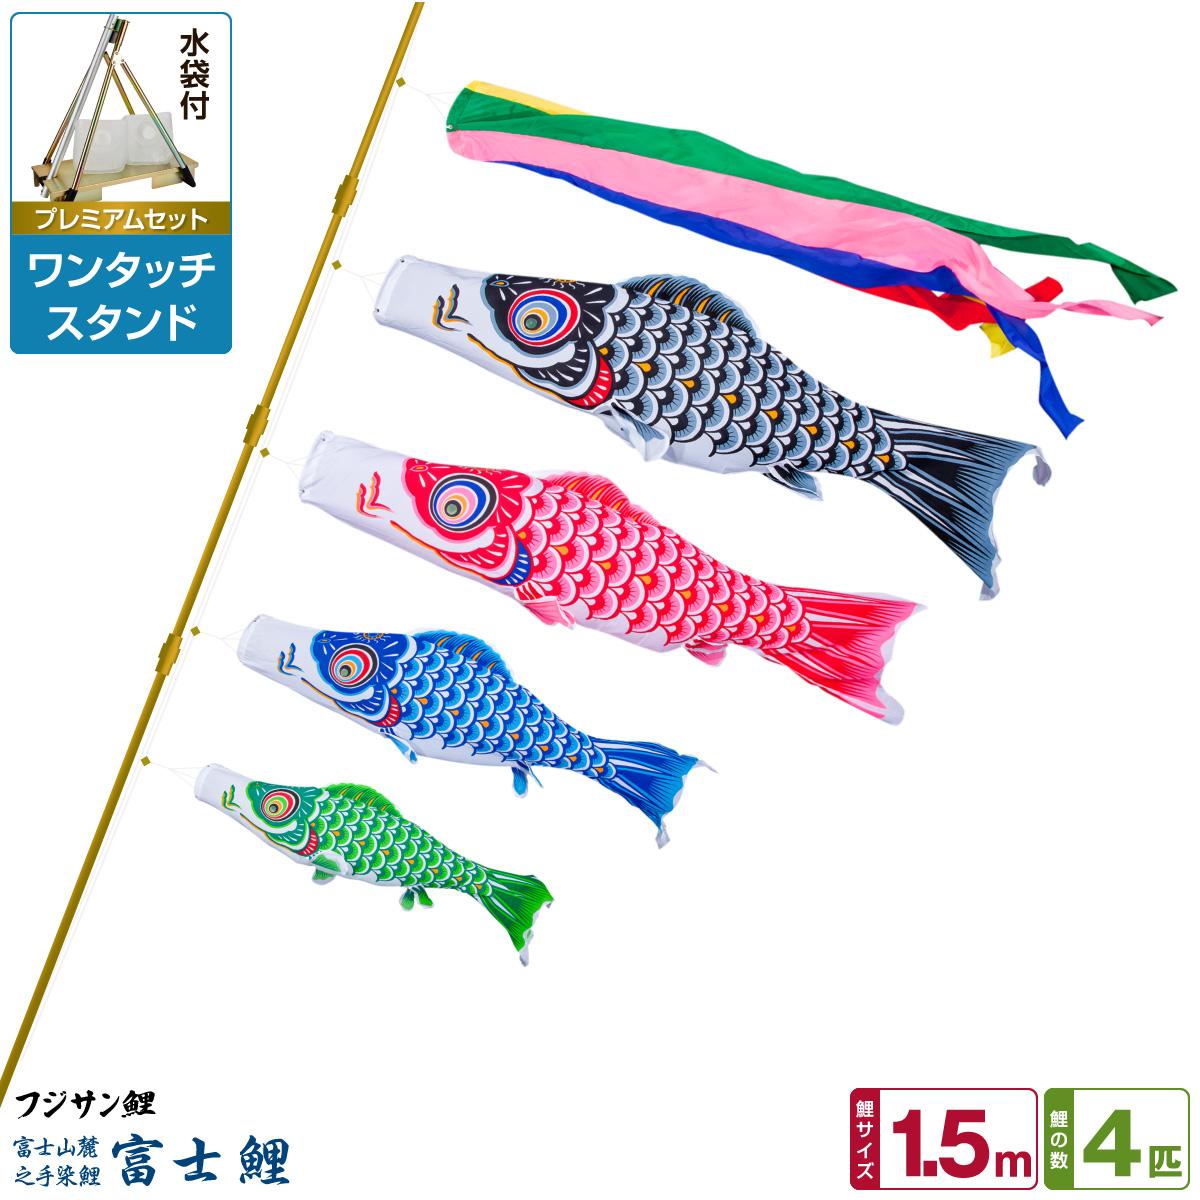 ベランダ用 こいのぼり 鯉のぼり フジサン鯉 富士鯉 1.5m 7点(吹流し+鯉4匹+矢車+ロープ)/プレミアムセット(ワンタッチスタンド)